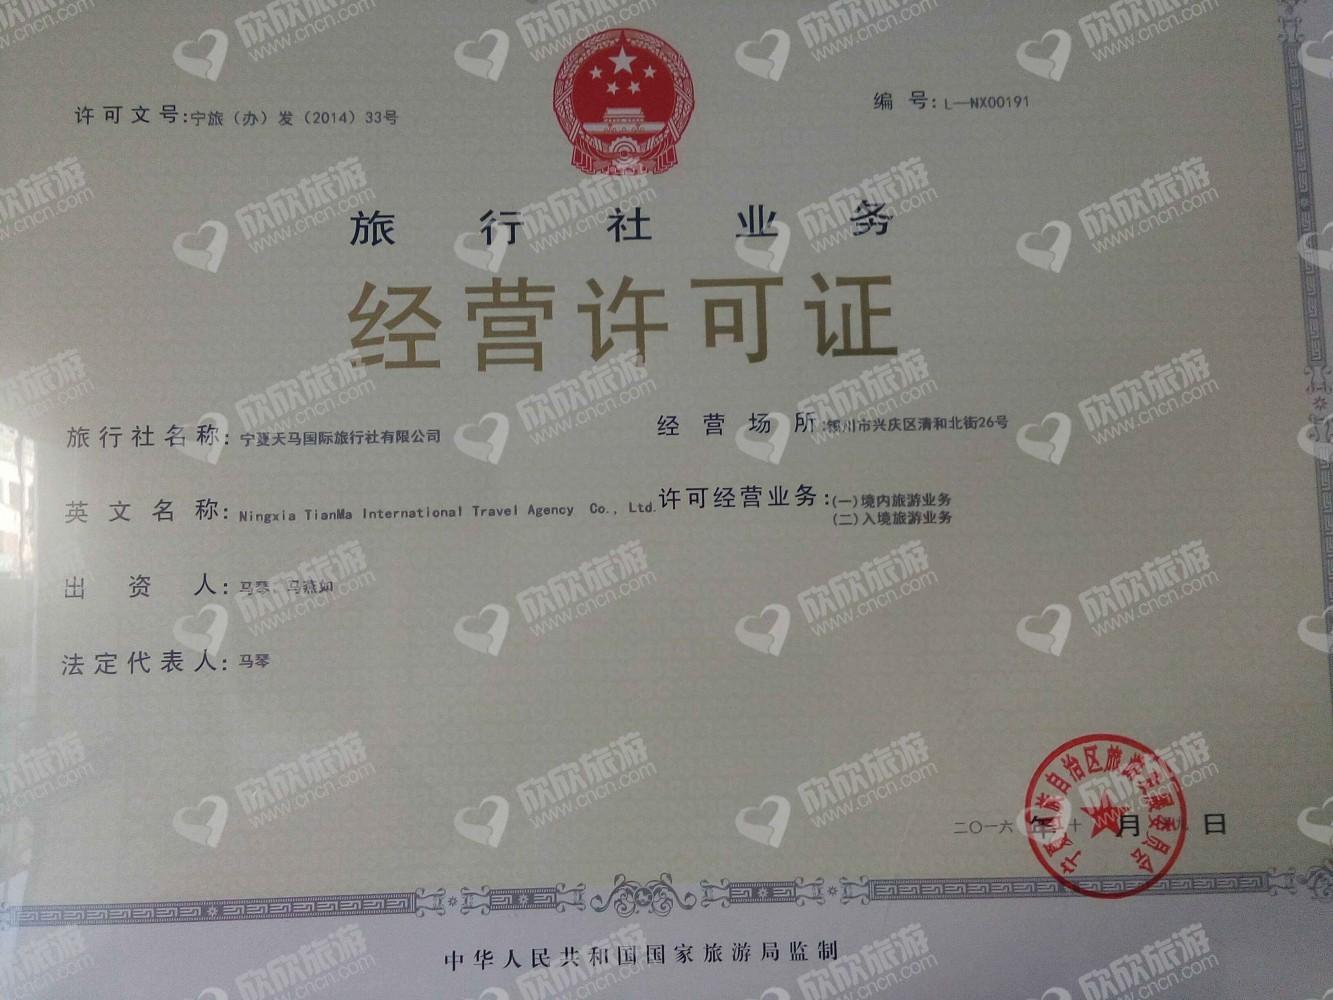 宁夏天马国际旅行社有限公司经营许可证